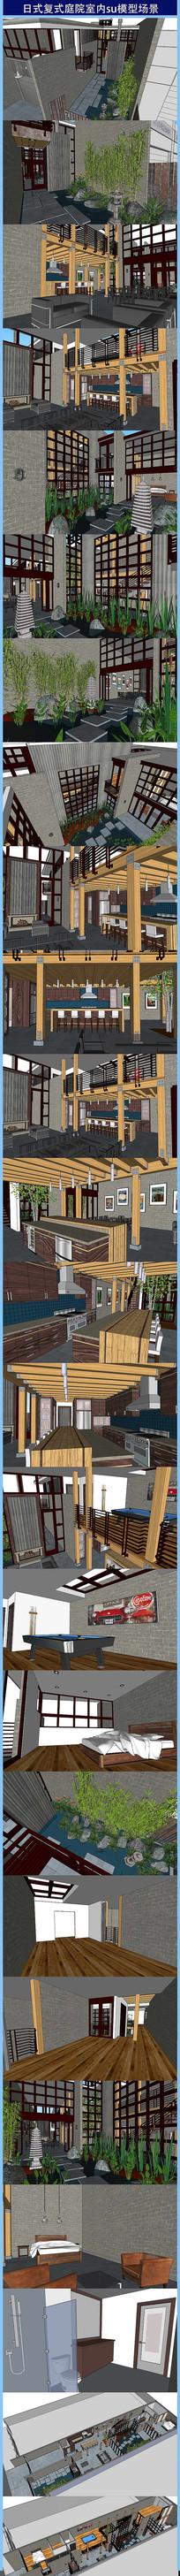 日式复式庭院室内su模型场景